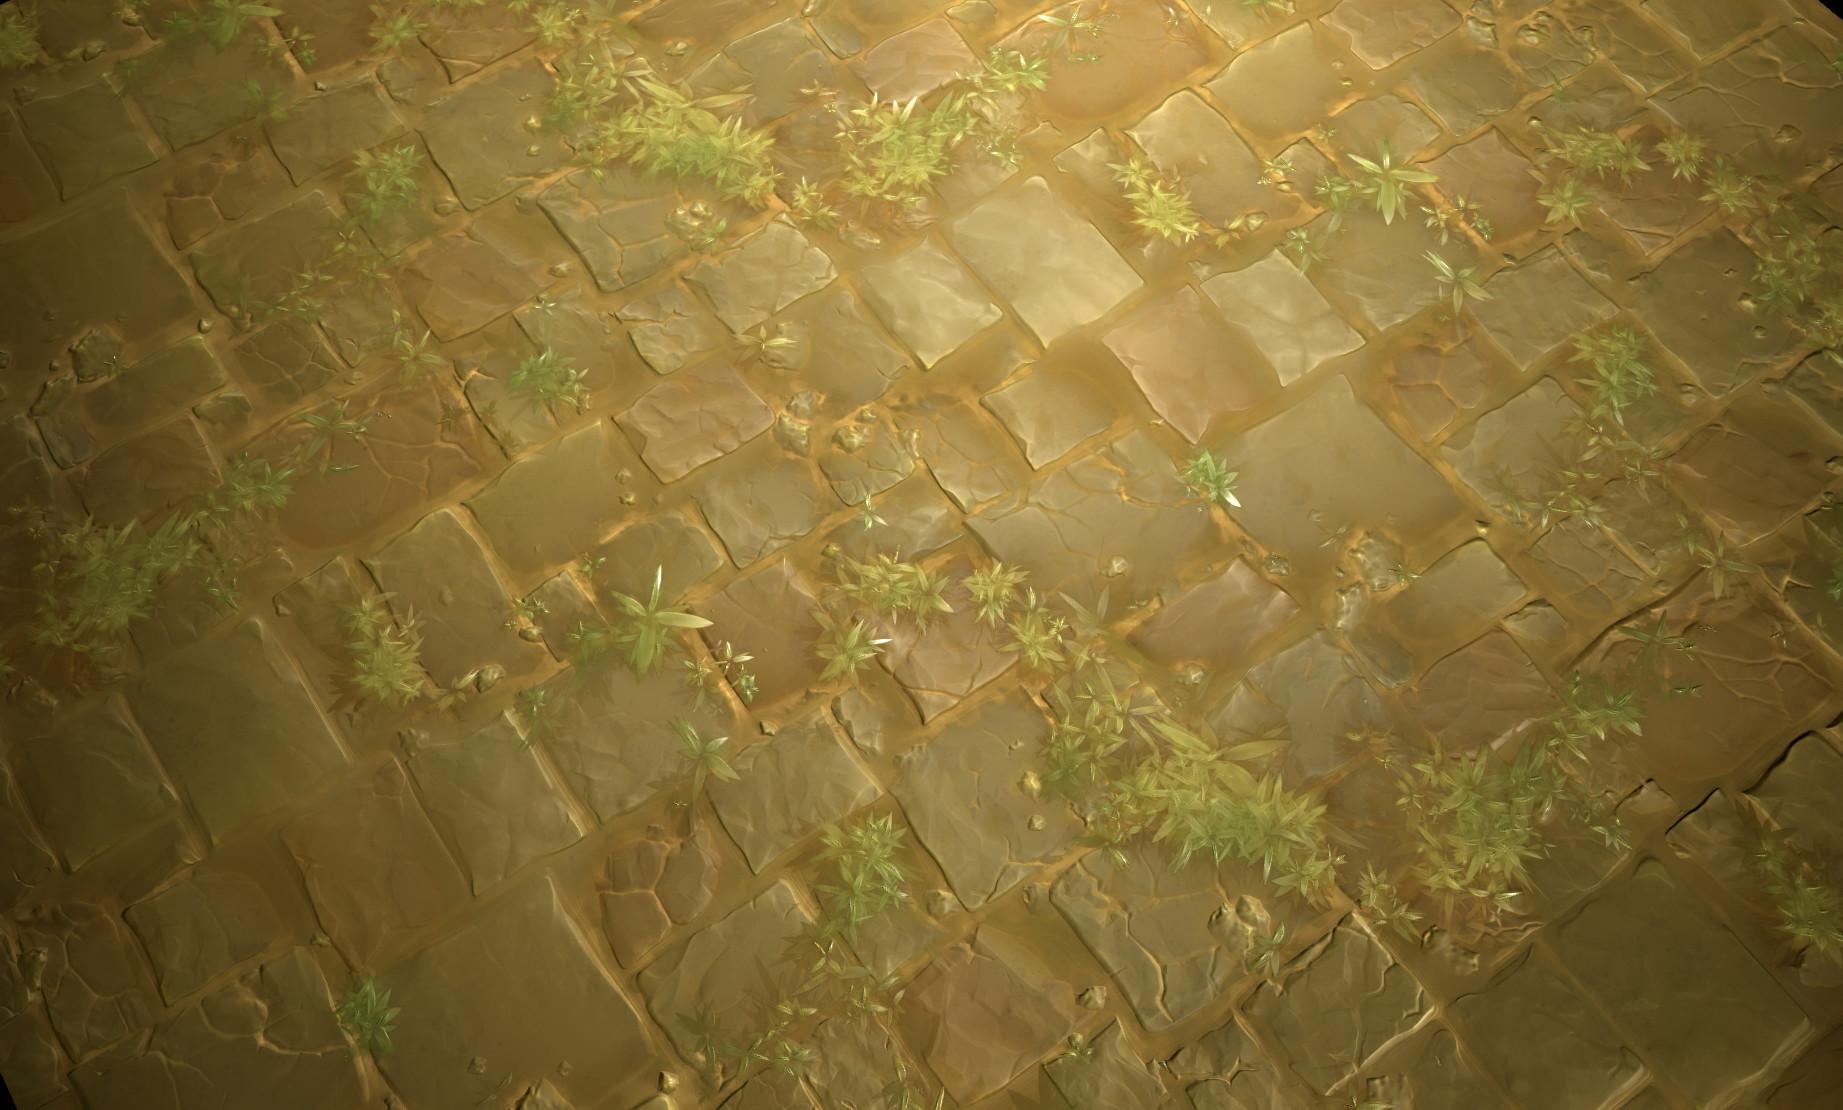 Hugo beyer stylized stoneground